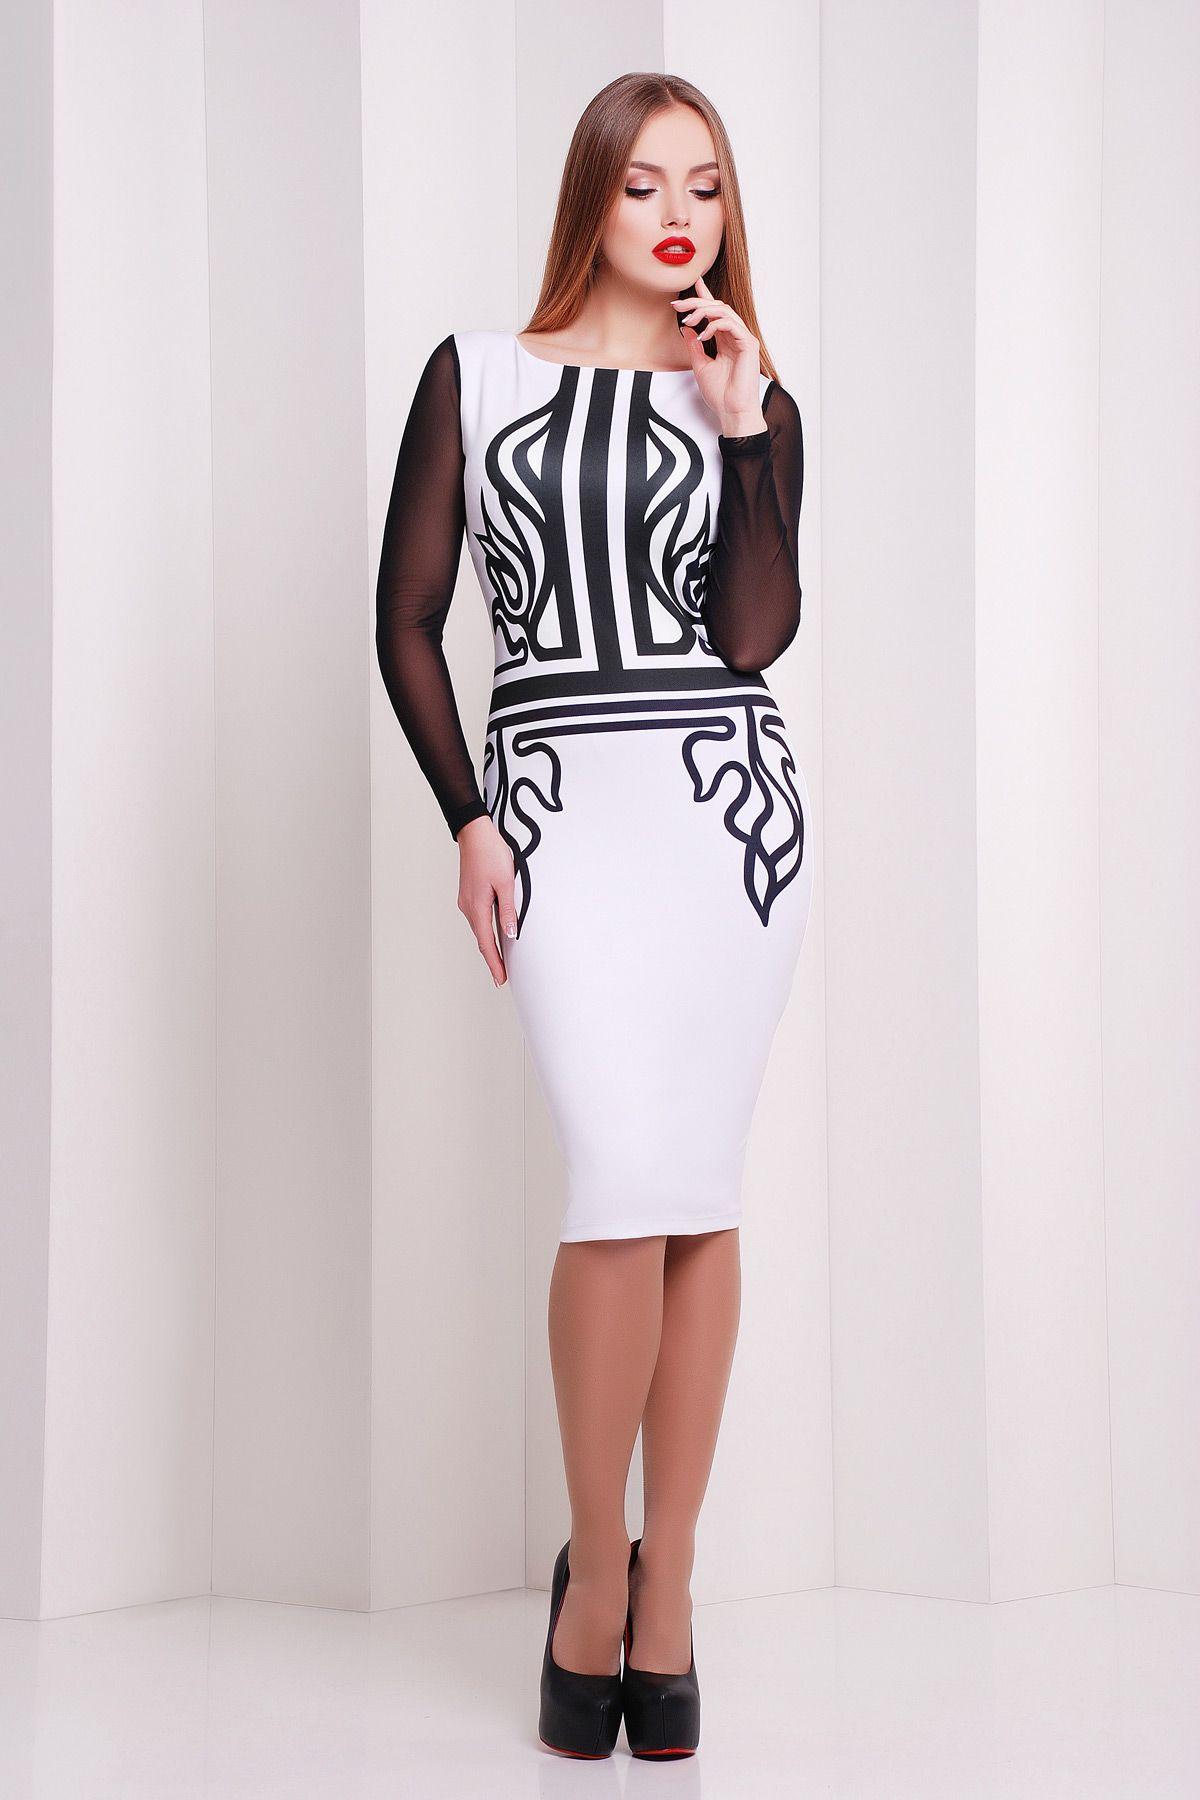 cc6c5b6d0d3 Белое изящное платье с черными рукавами сетка Греция платье Лоя-2КС д р.  Цвет  принт